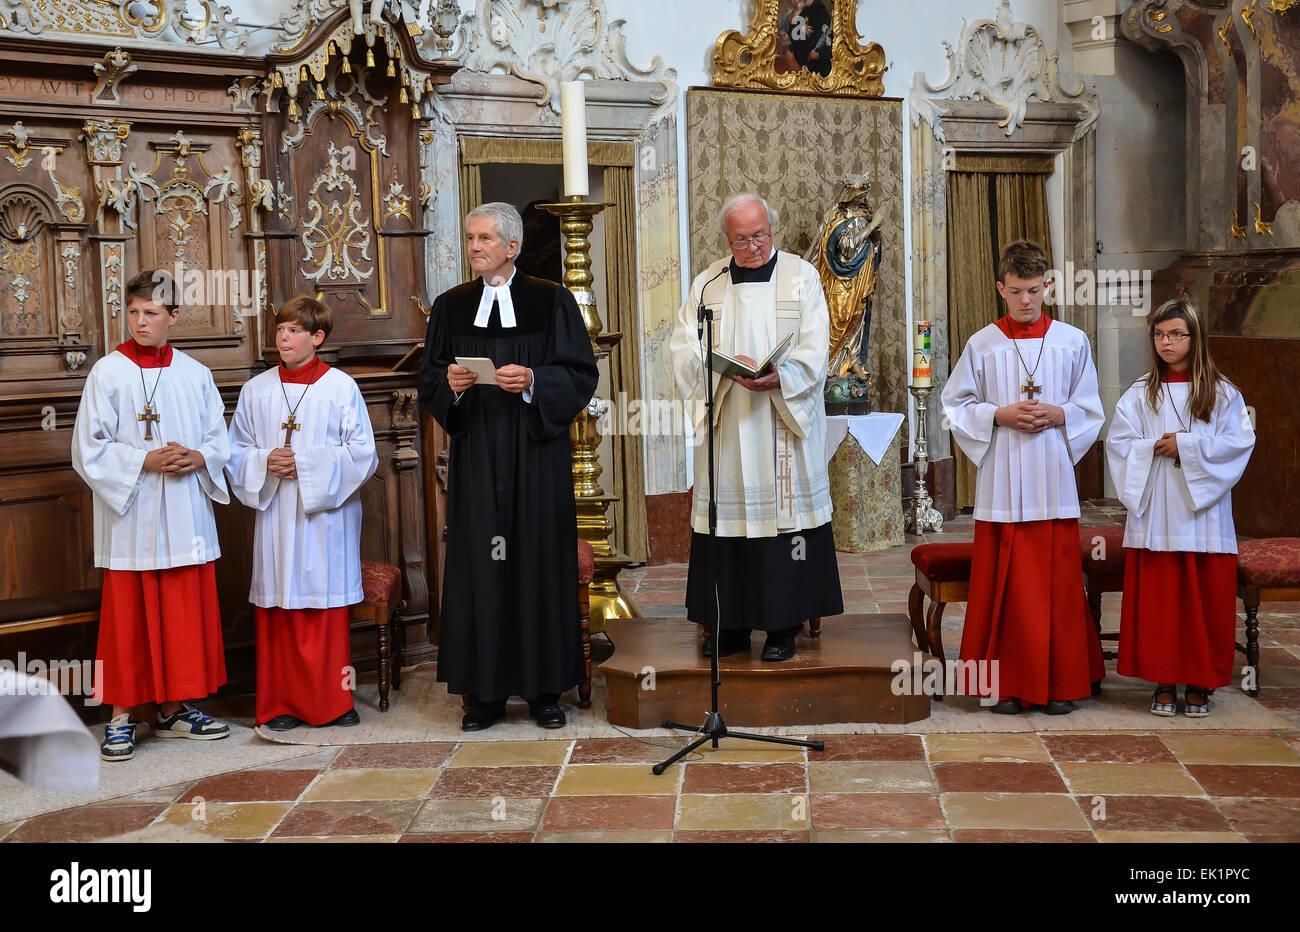 Matrimonio Catolico Y Protestante : Oecumenic boda en la iglesia con los monaguillos y